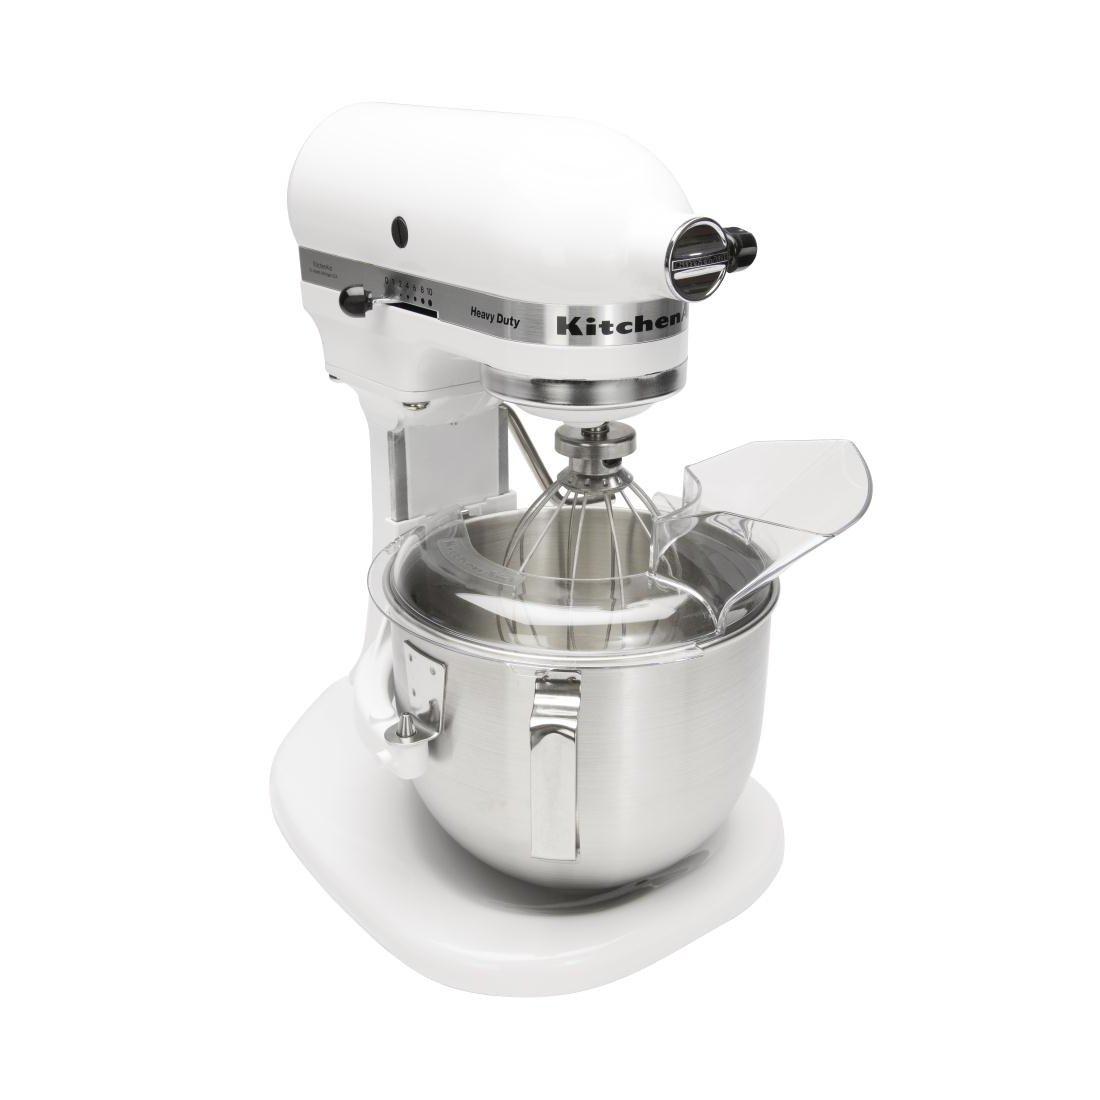 Kitchenaid 5KPM5 - Mezclador de alimentos planetario, 4,8 L, color blanco